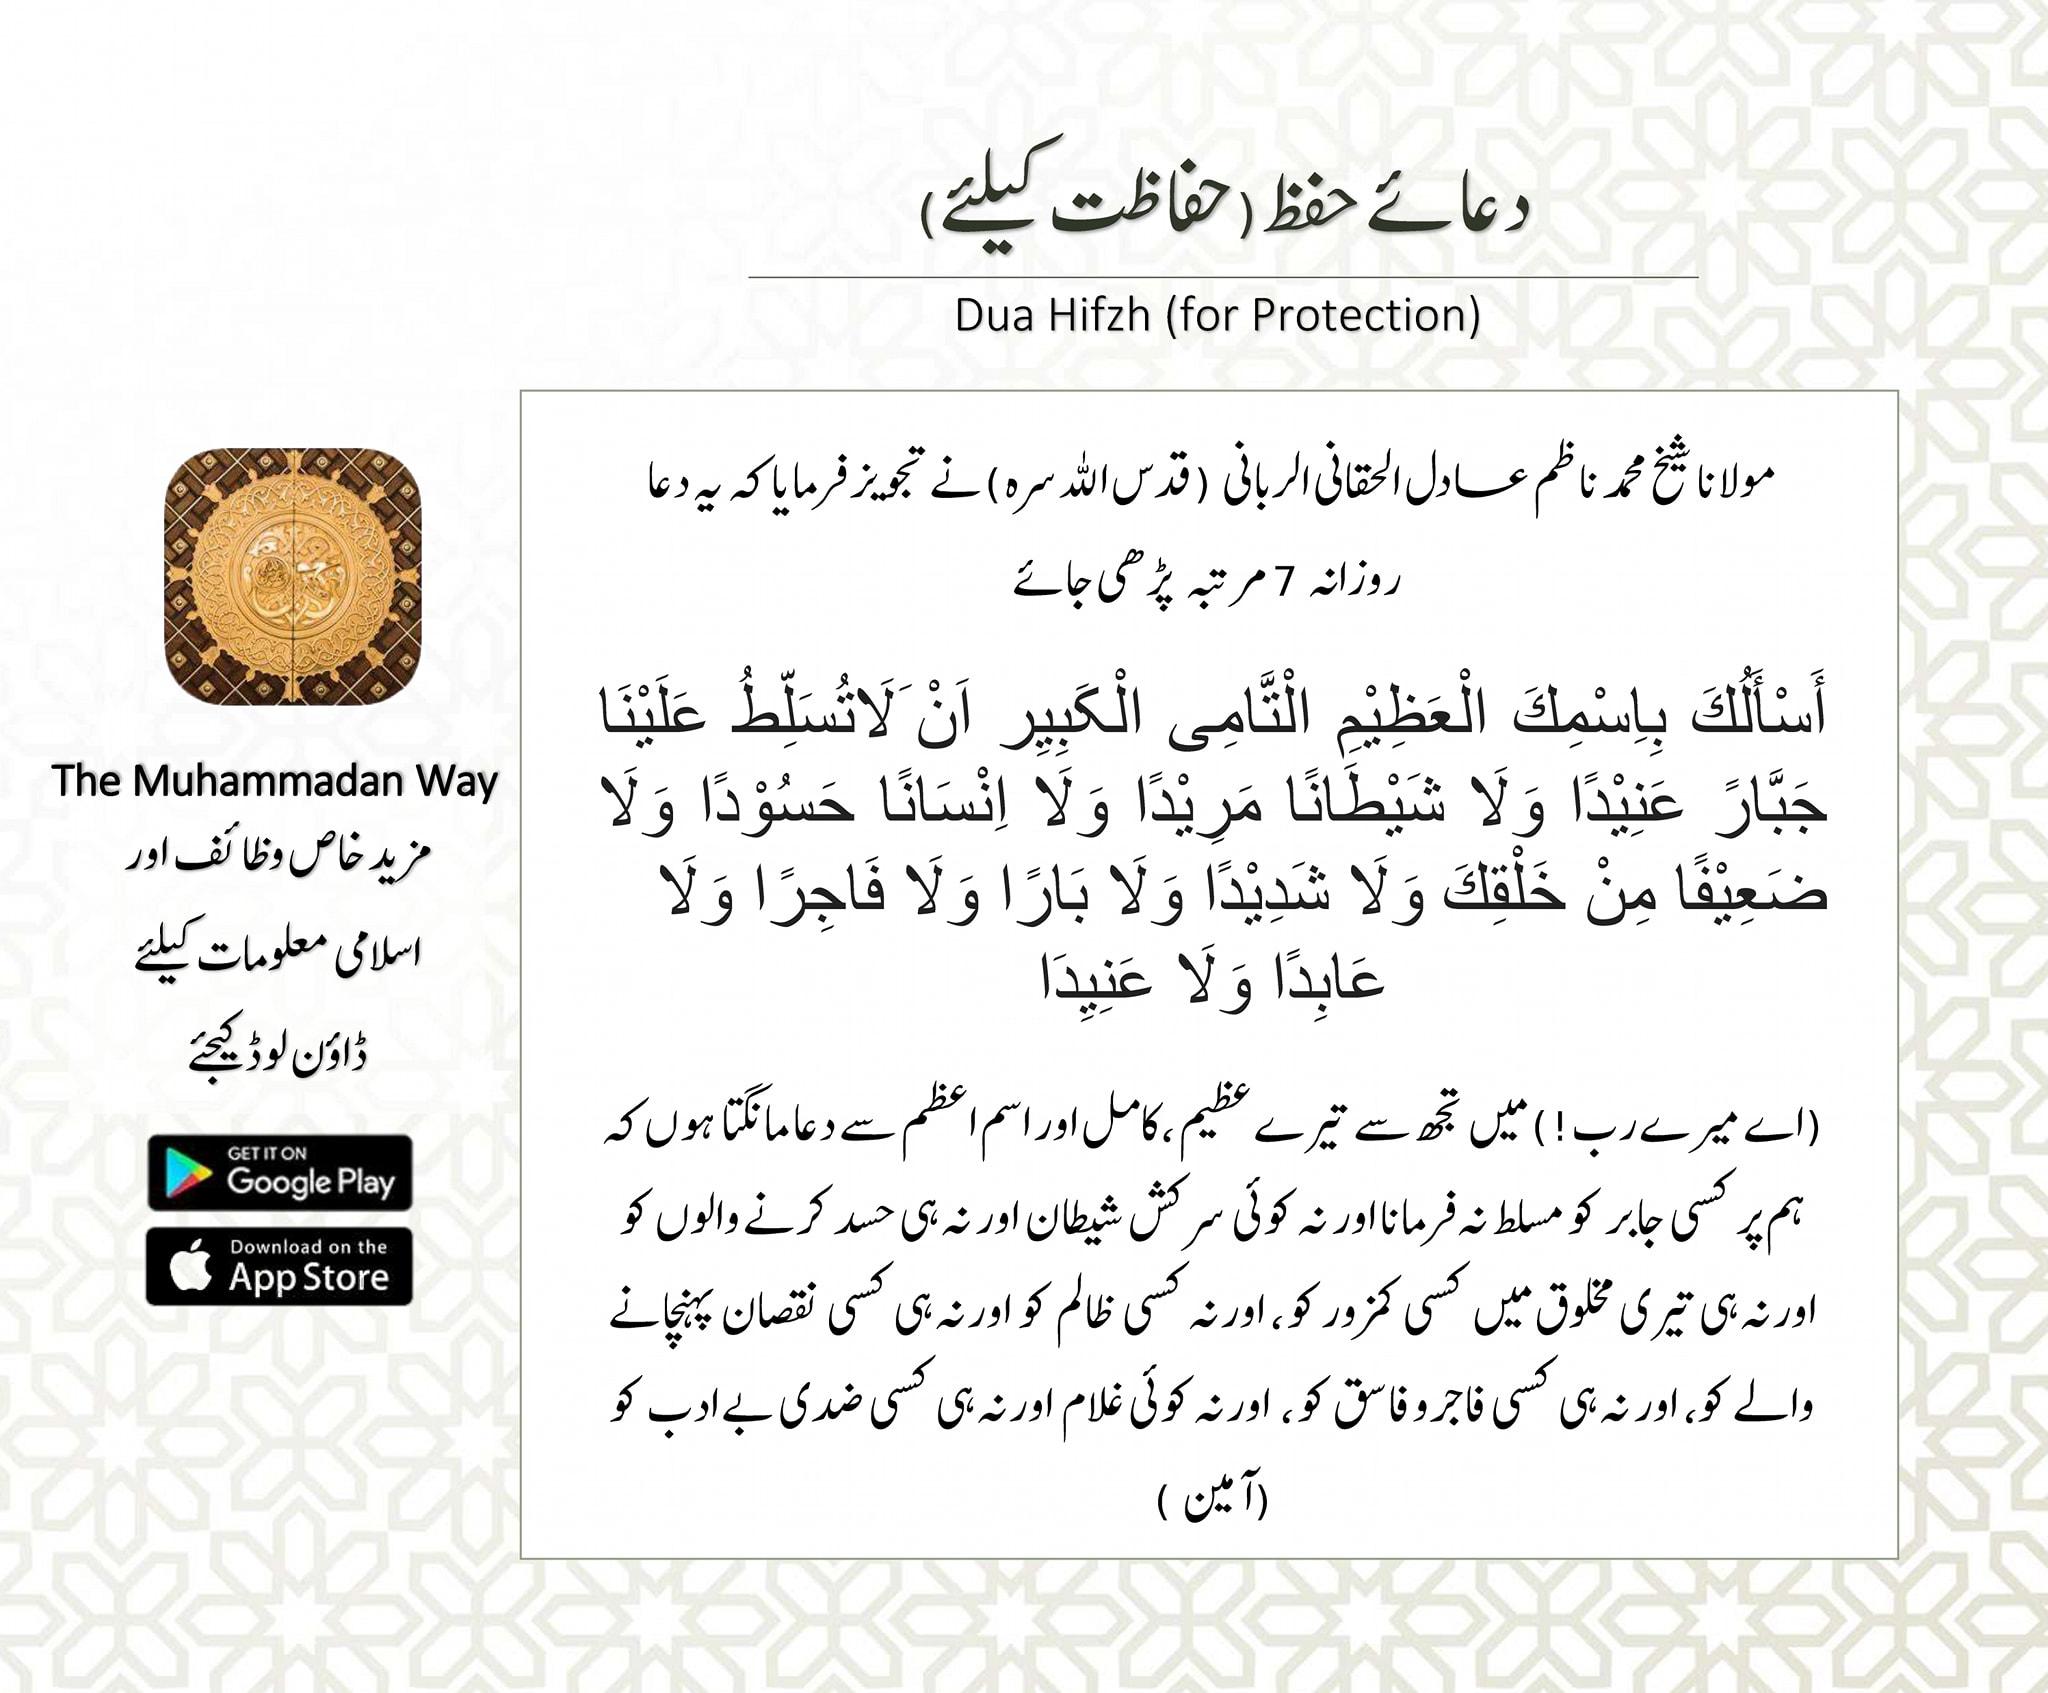 دعائے حفظ (حفاظت کے لیے)  مولانا شیخ محمد ناظم عادل الحقانی الربانی (قدس اللہ سر...